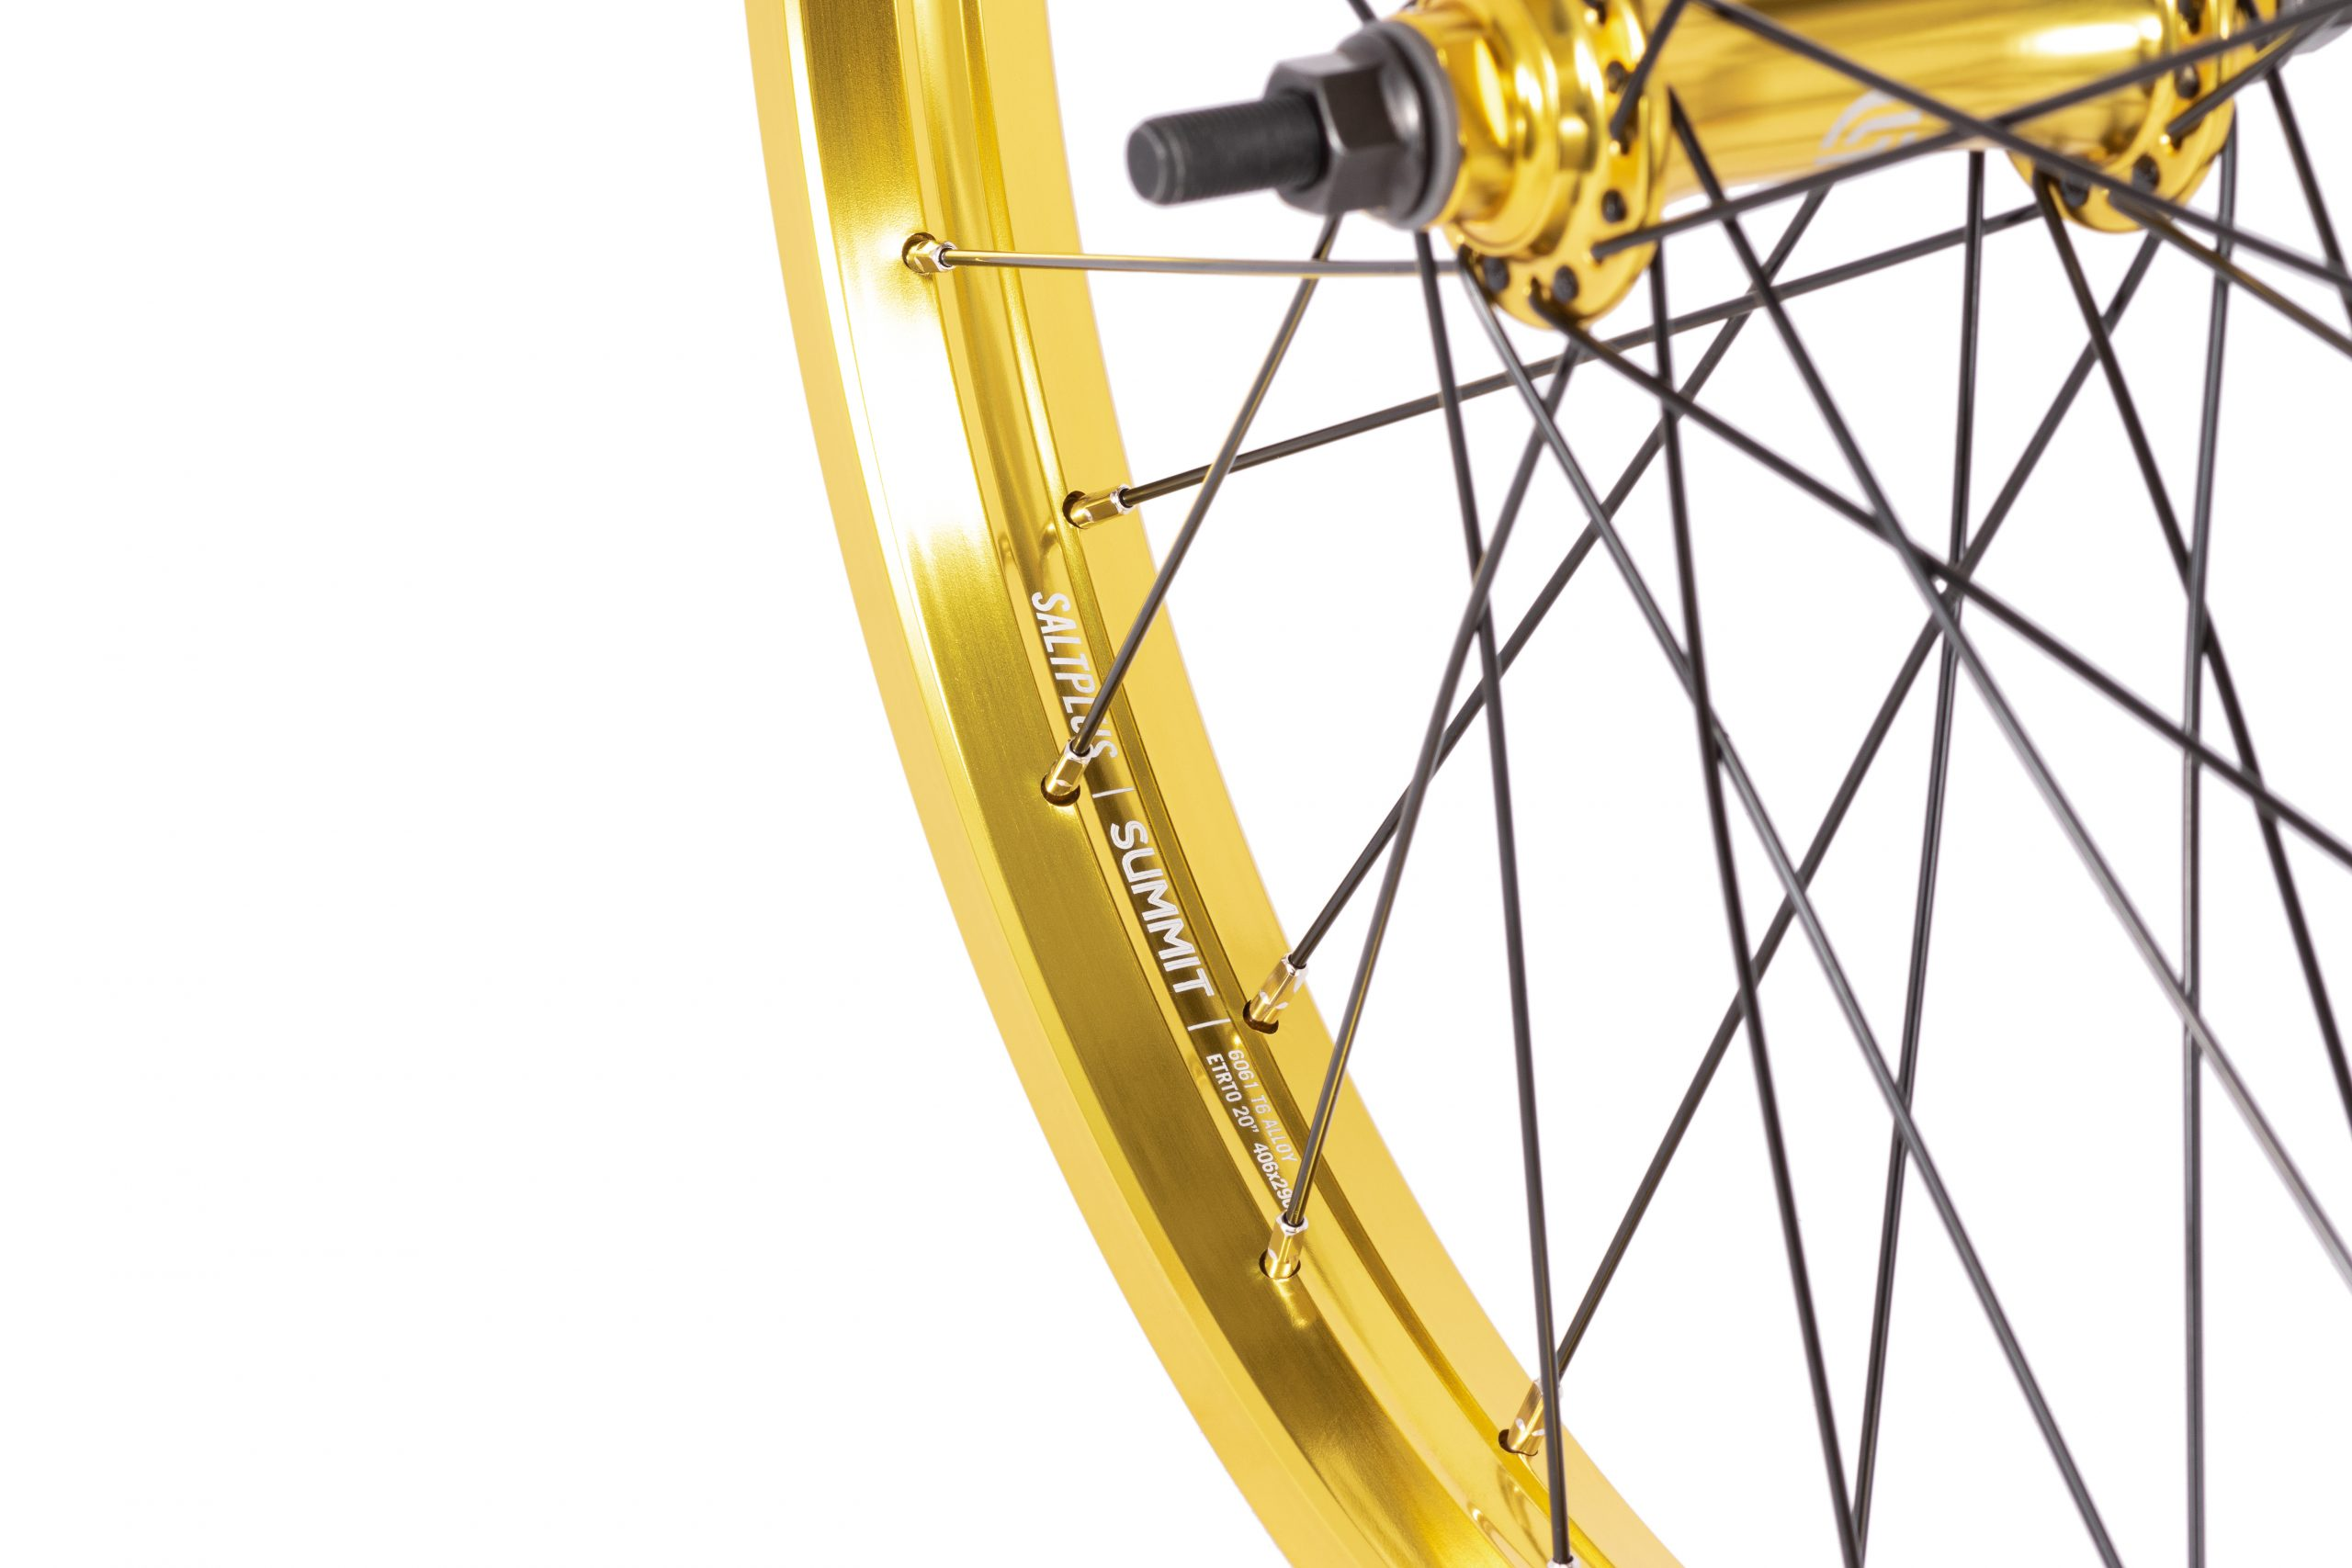 Salt_Everest_front_wheel_gold-05